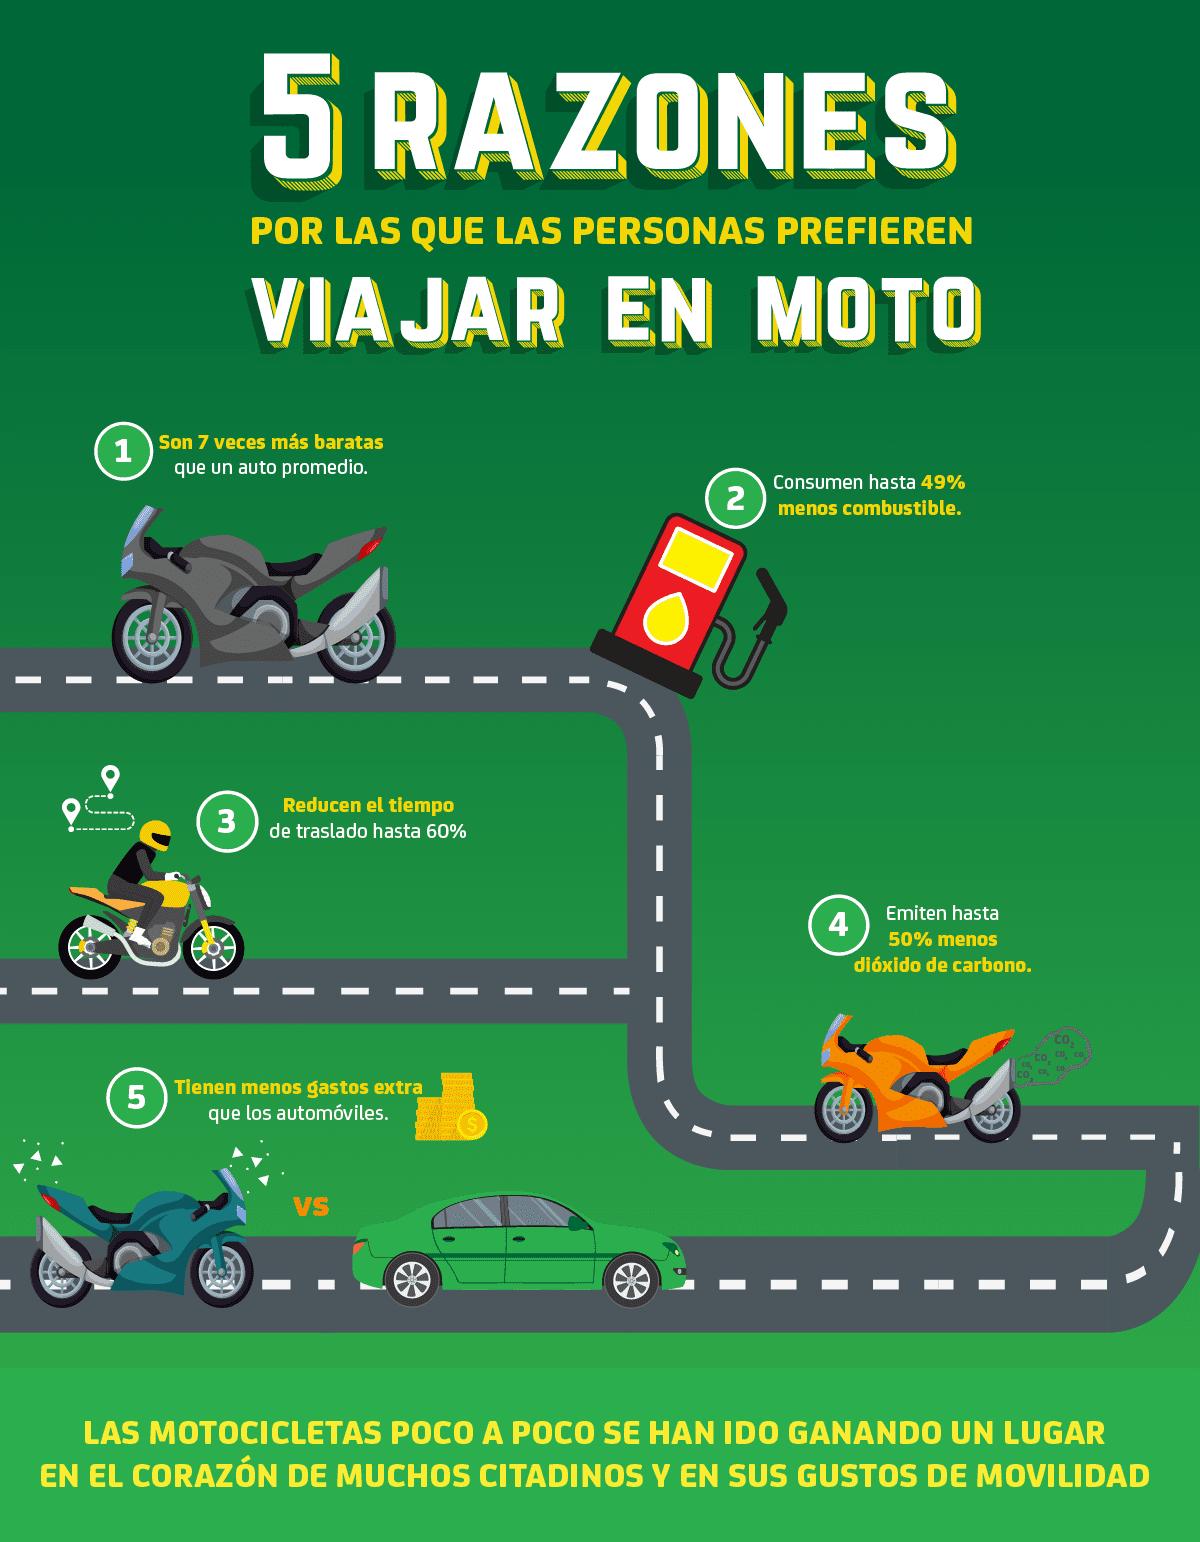 5 razones para viajar en moto